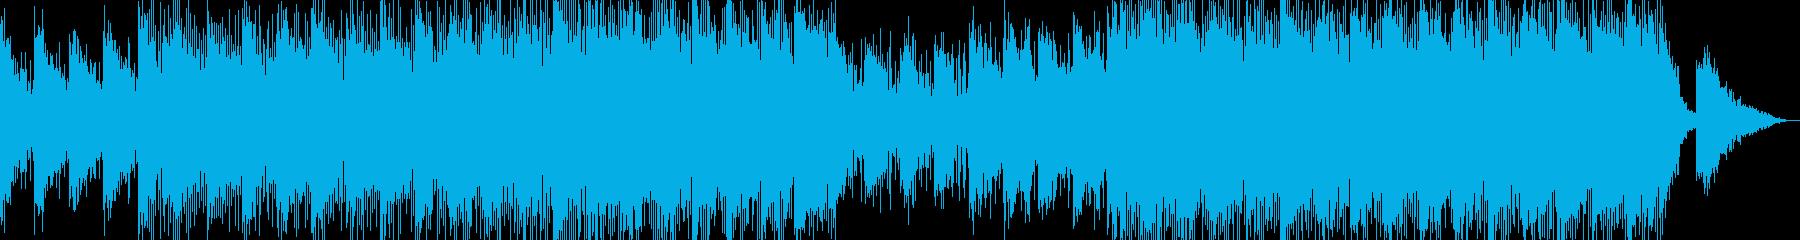 映画音楽、荘厳重厚、映像向け-17の再生済みの波形